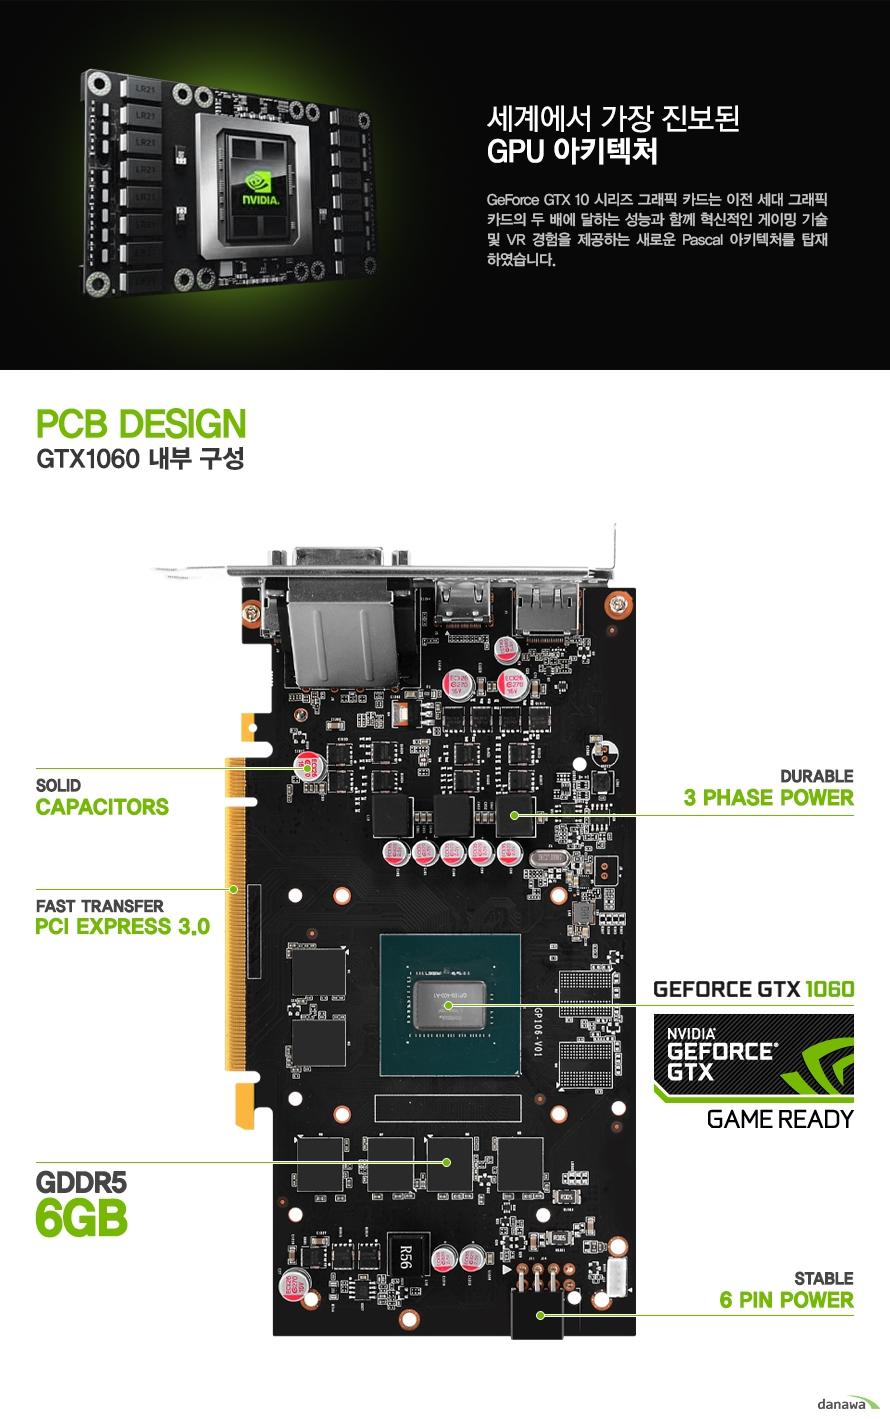 세계에서 가장 진보된 gpu 아키텍처                지포스 gtx10 시리즈 그래픽 카드는 이전 세대 그래픽 카드의 두 배에 달하는        성능과 함께 혁신적인 게이밍 기술 및 vr 경험을 제공하는 새로운 파스칼 아키텍처를        탑재 하였습니다.